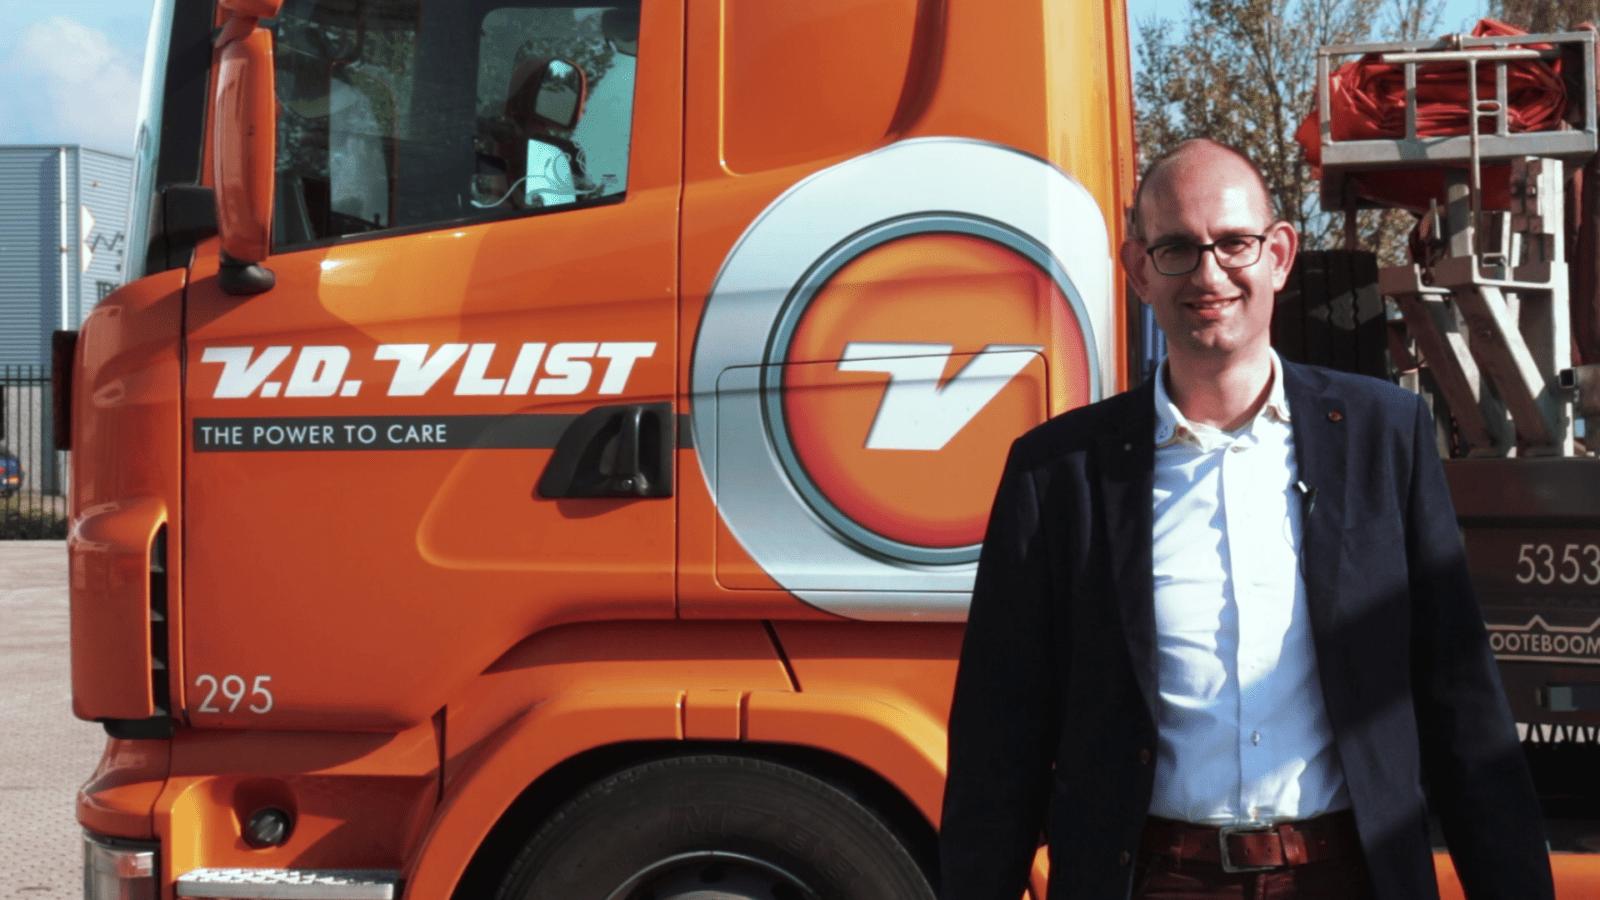 Foto Geert Bok van Van Vlist is blij met de printapparatuur van ISO Groep